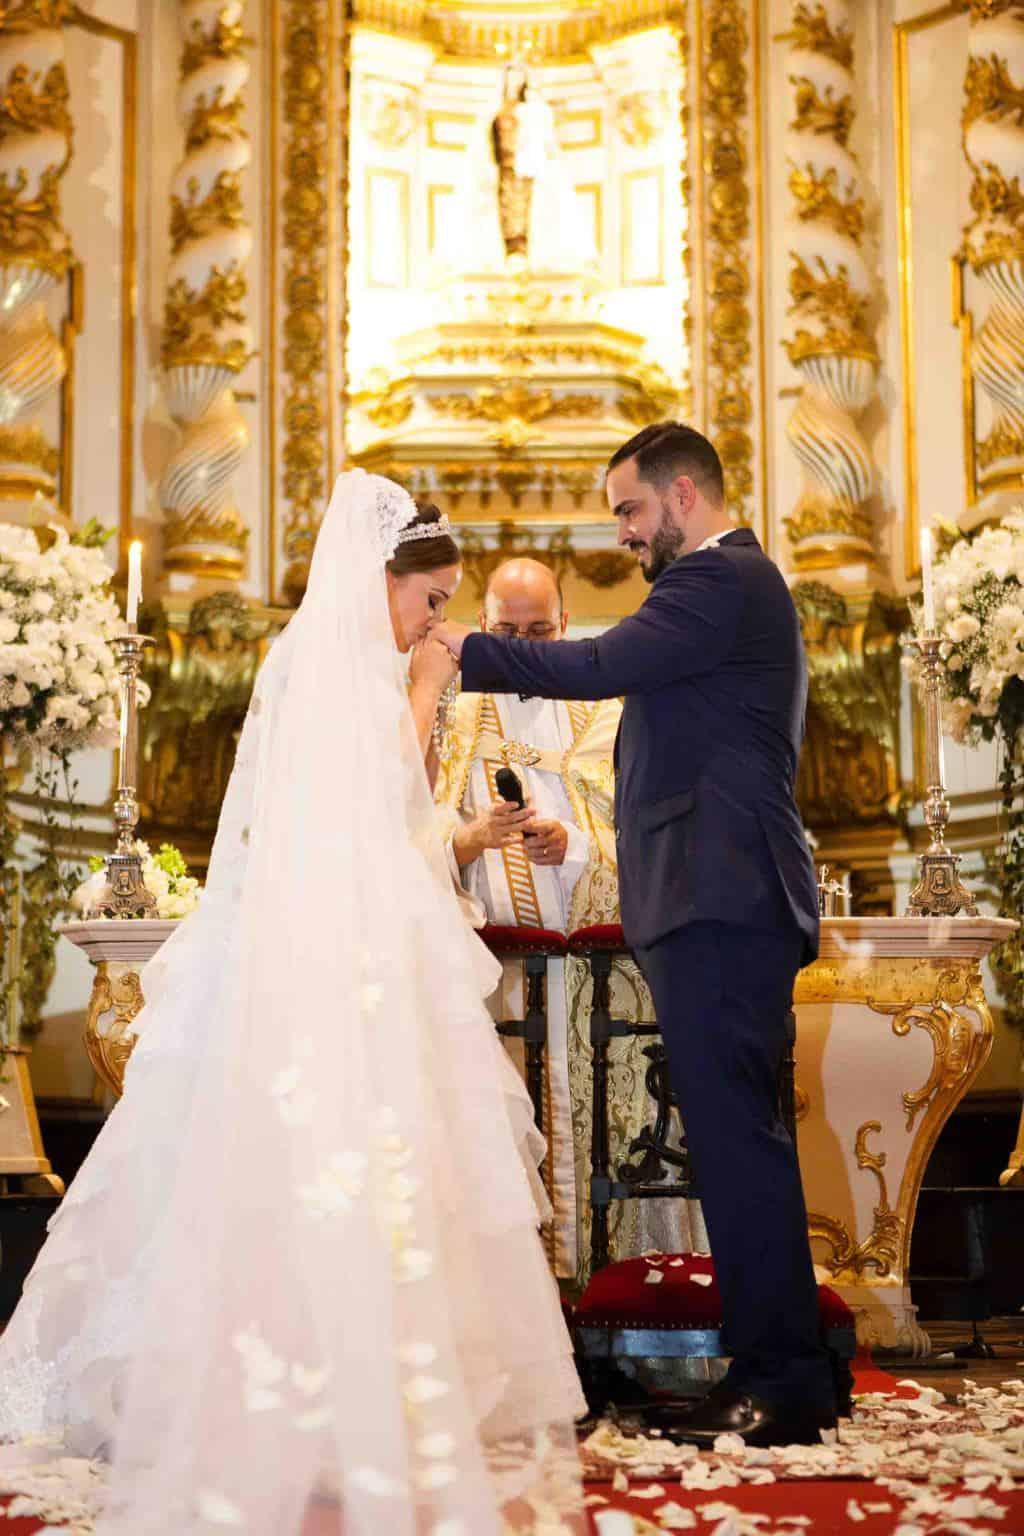 Casamento-Clássico-Casamento-tradicional-Cerimônia-Copacabana-Palace-Monica-Roias-Ribas-Foto-e-Vídeo-Tuanny-e-Bernardo-CaseMe-19